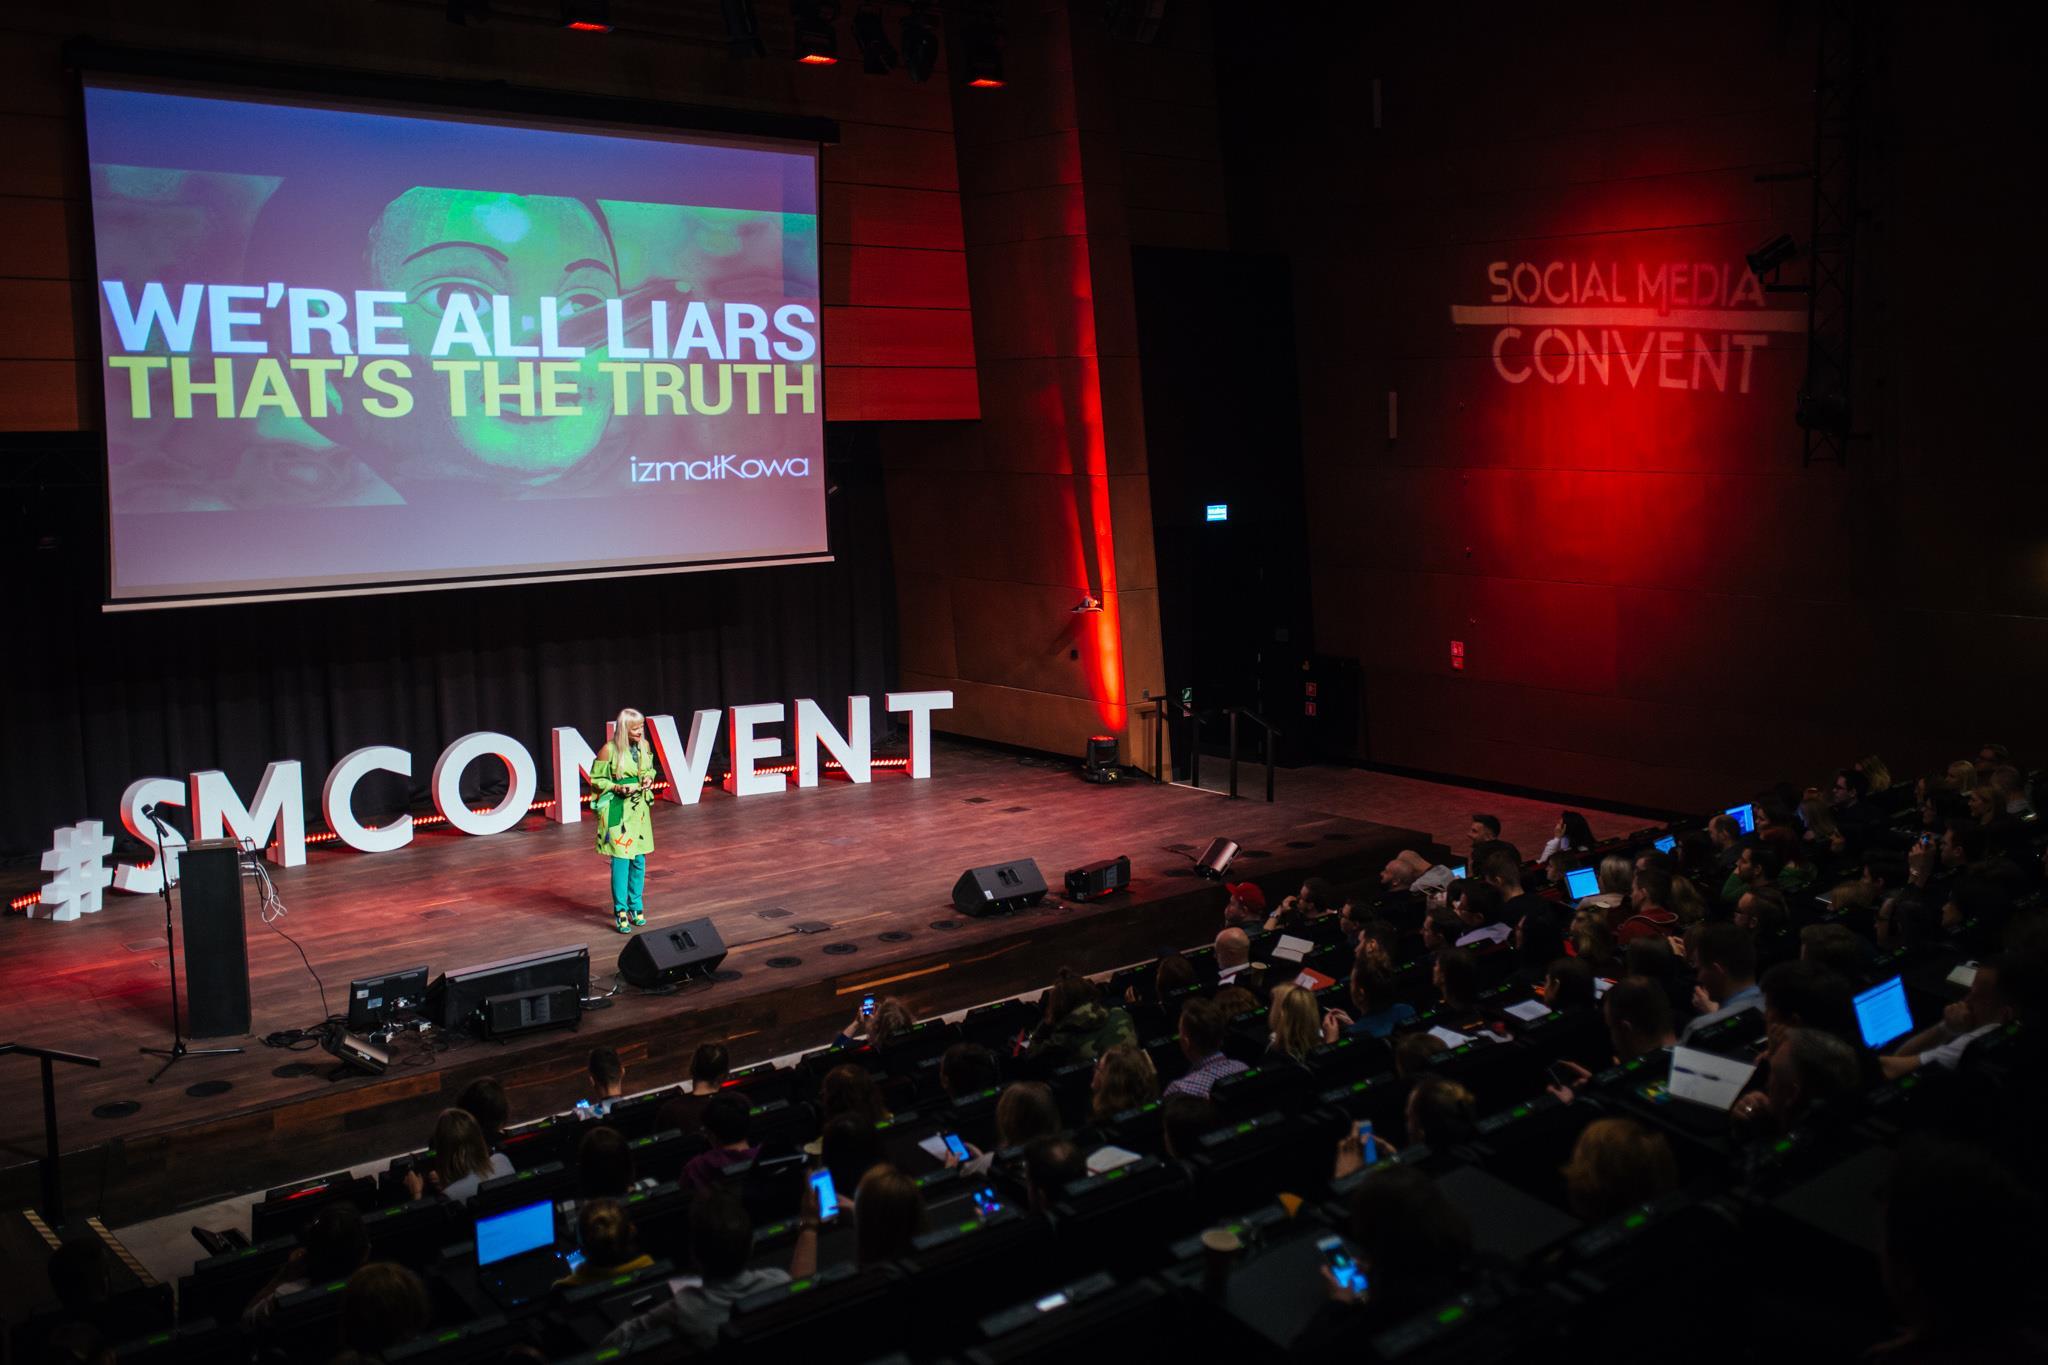 fot. facebook.com/socialmediaconvent